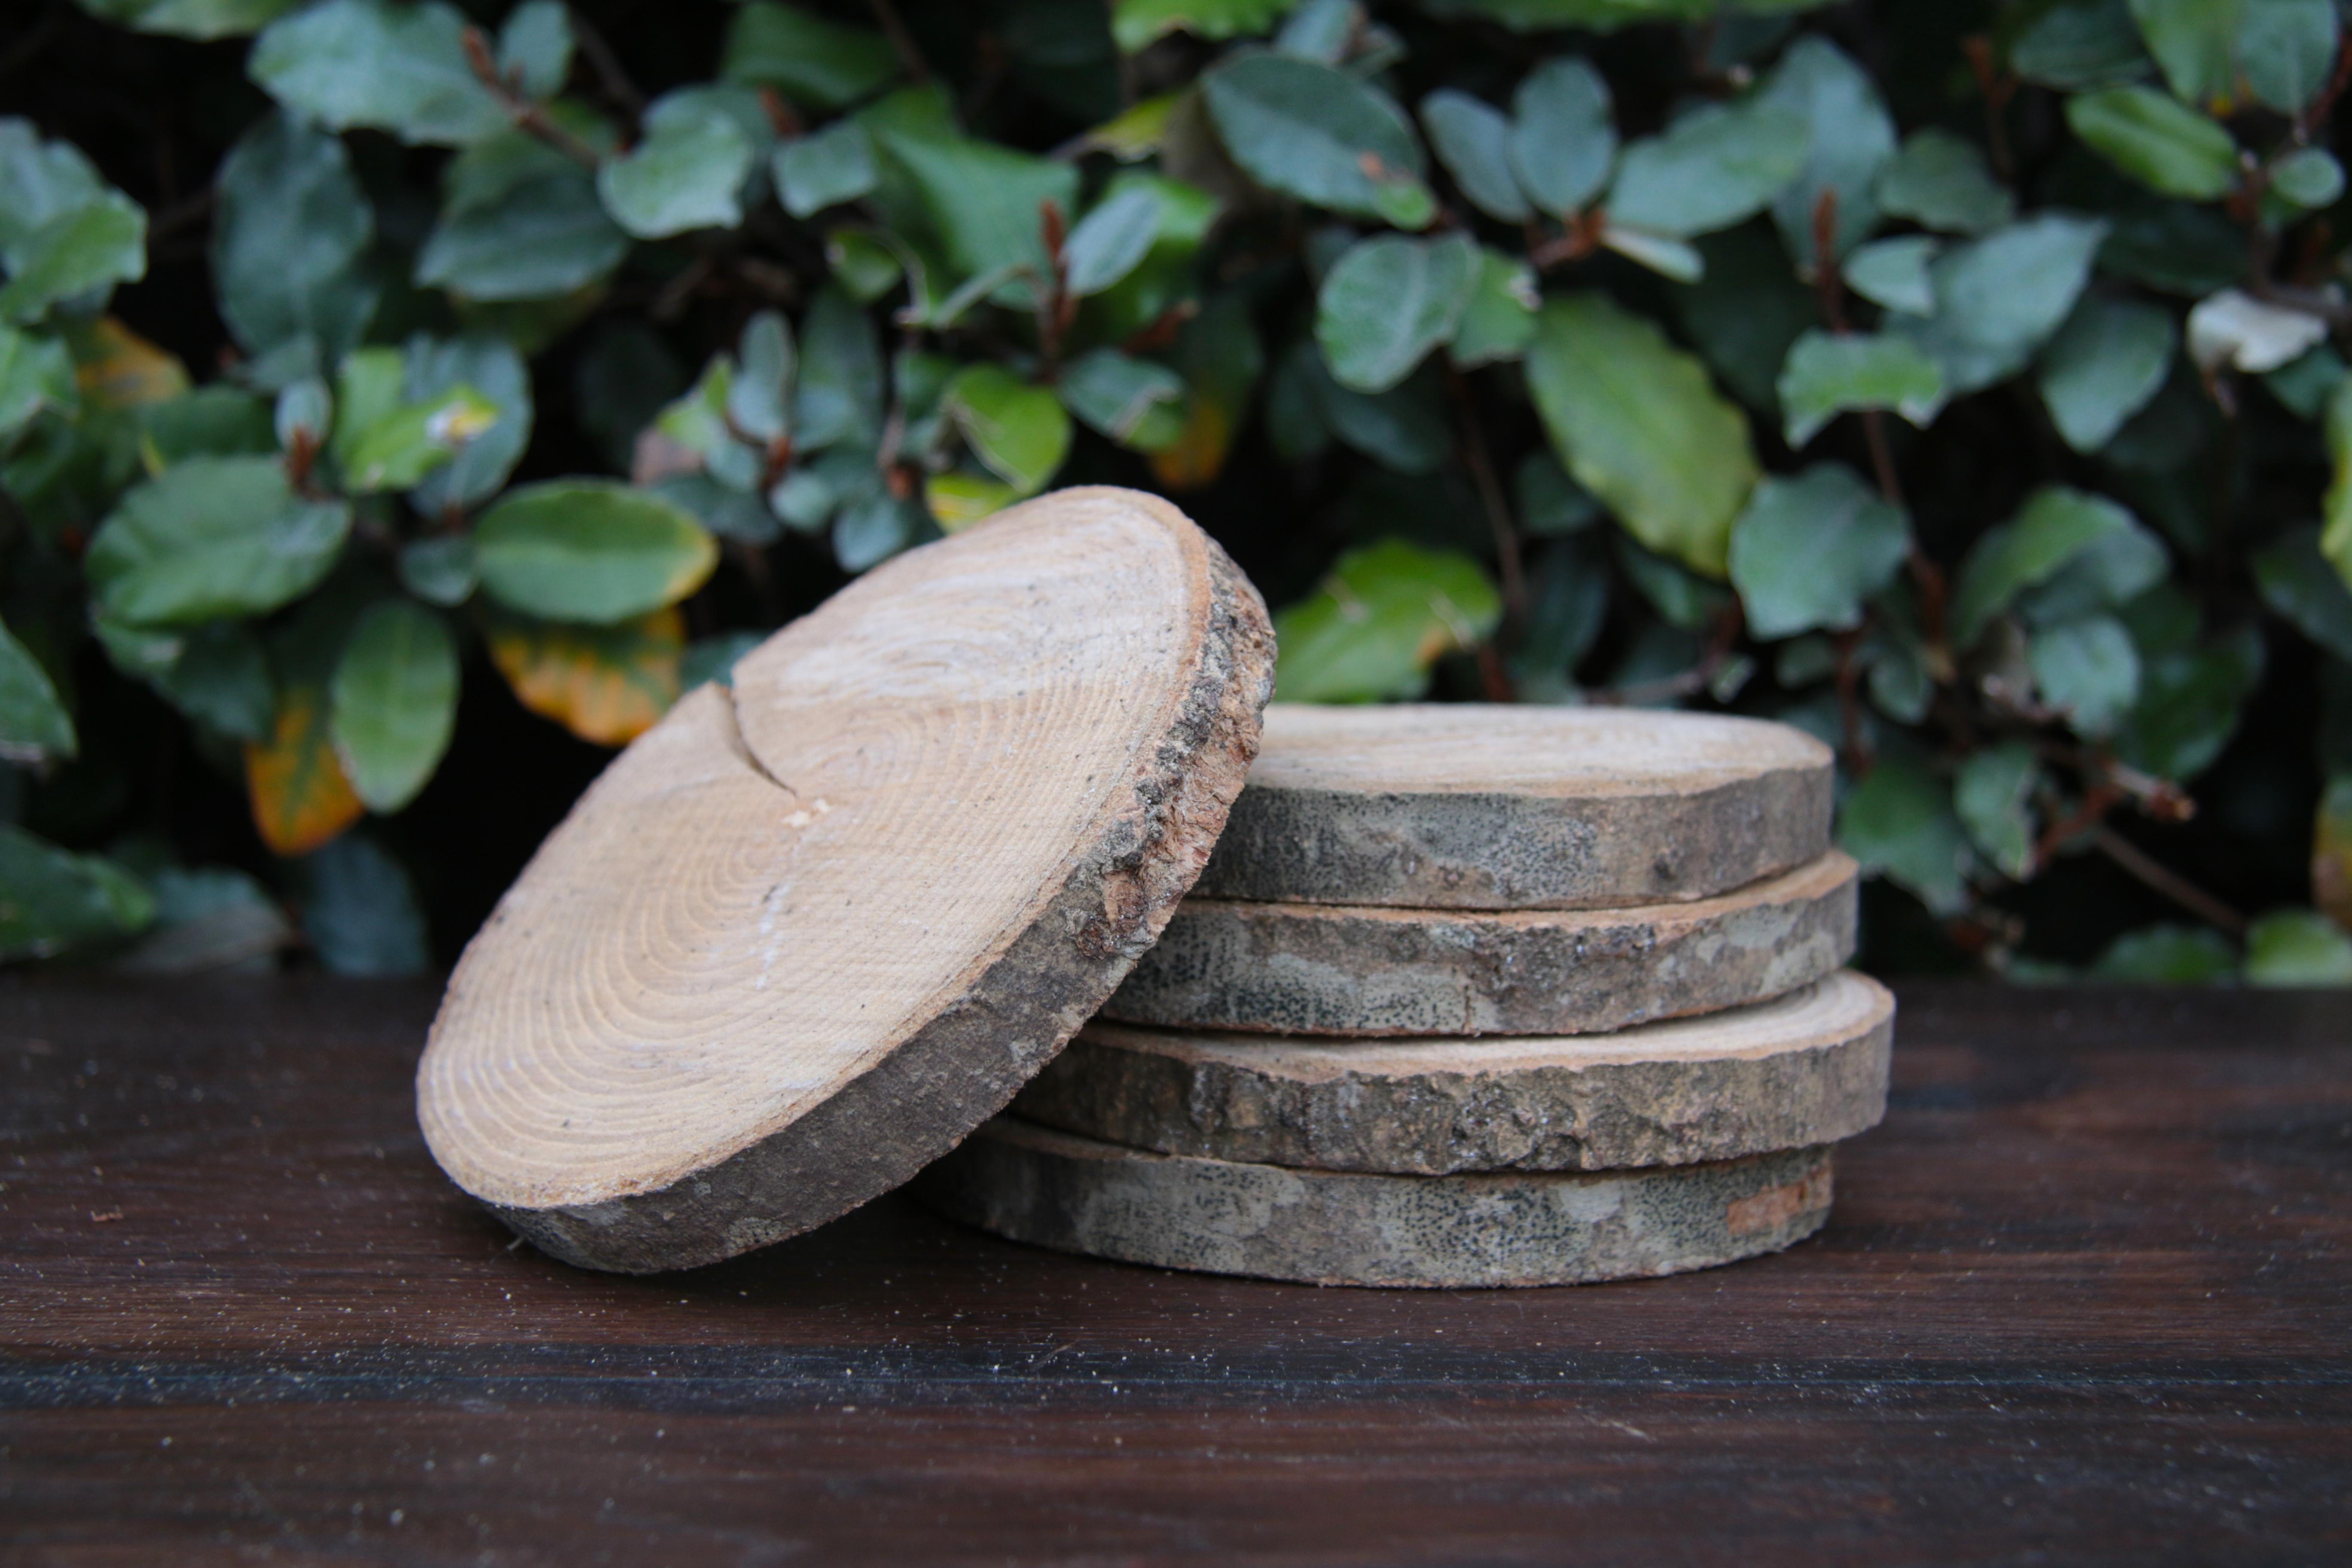 les d conneuses mon pr f r c 39 est le rondelet rondin de bois. Black Bedroom Furniture Sets. Home Design Ideas